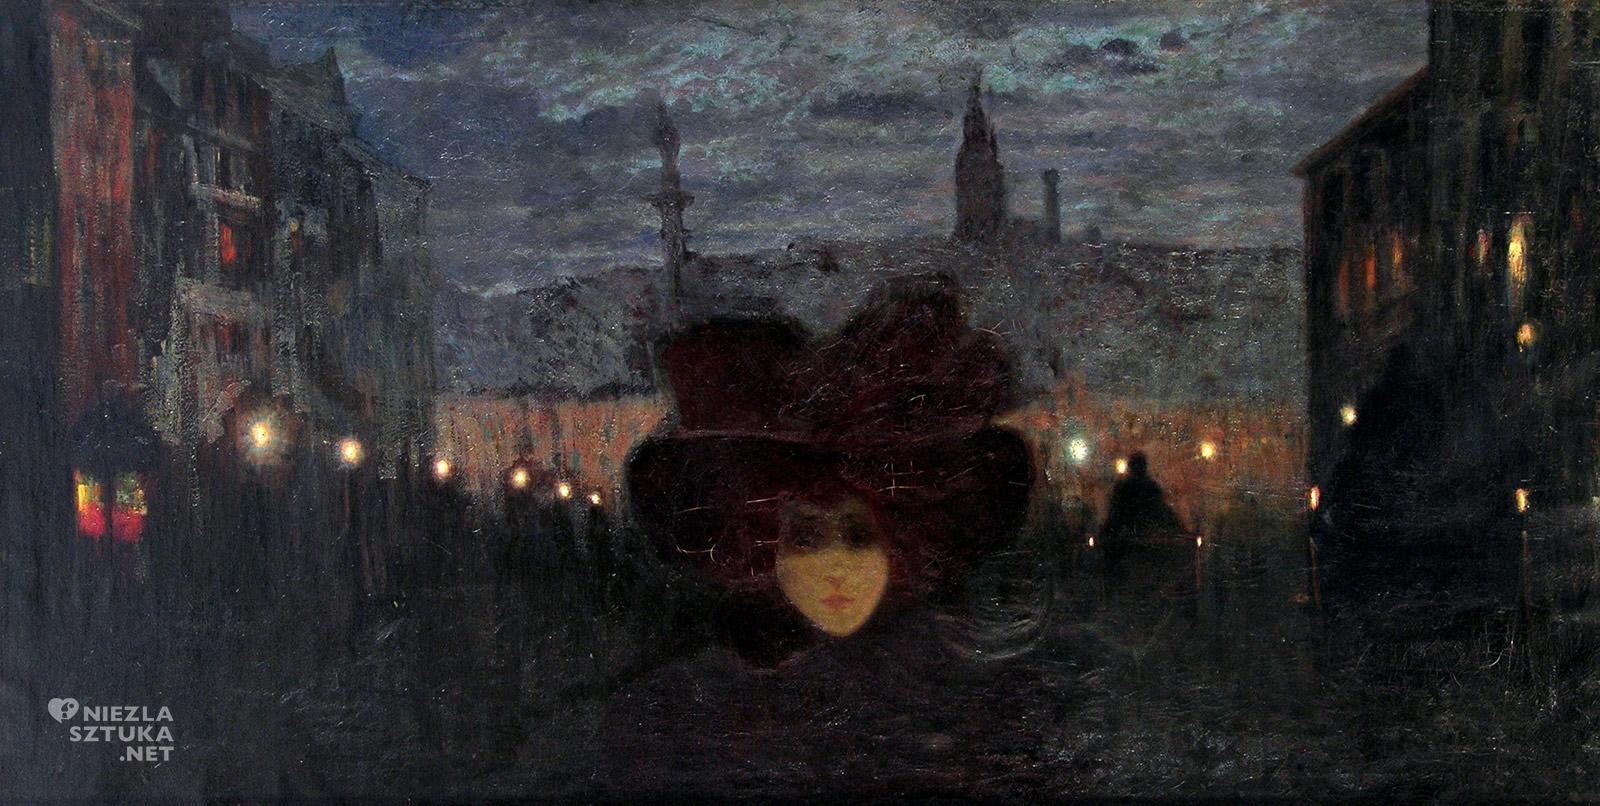 Leon Kaufmann, ćma nocna, muzeum mazowieckie w płocku, malarstwo polskie, sztuka polska, Niezła sztuka